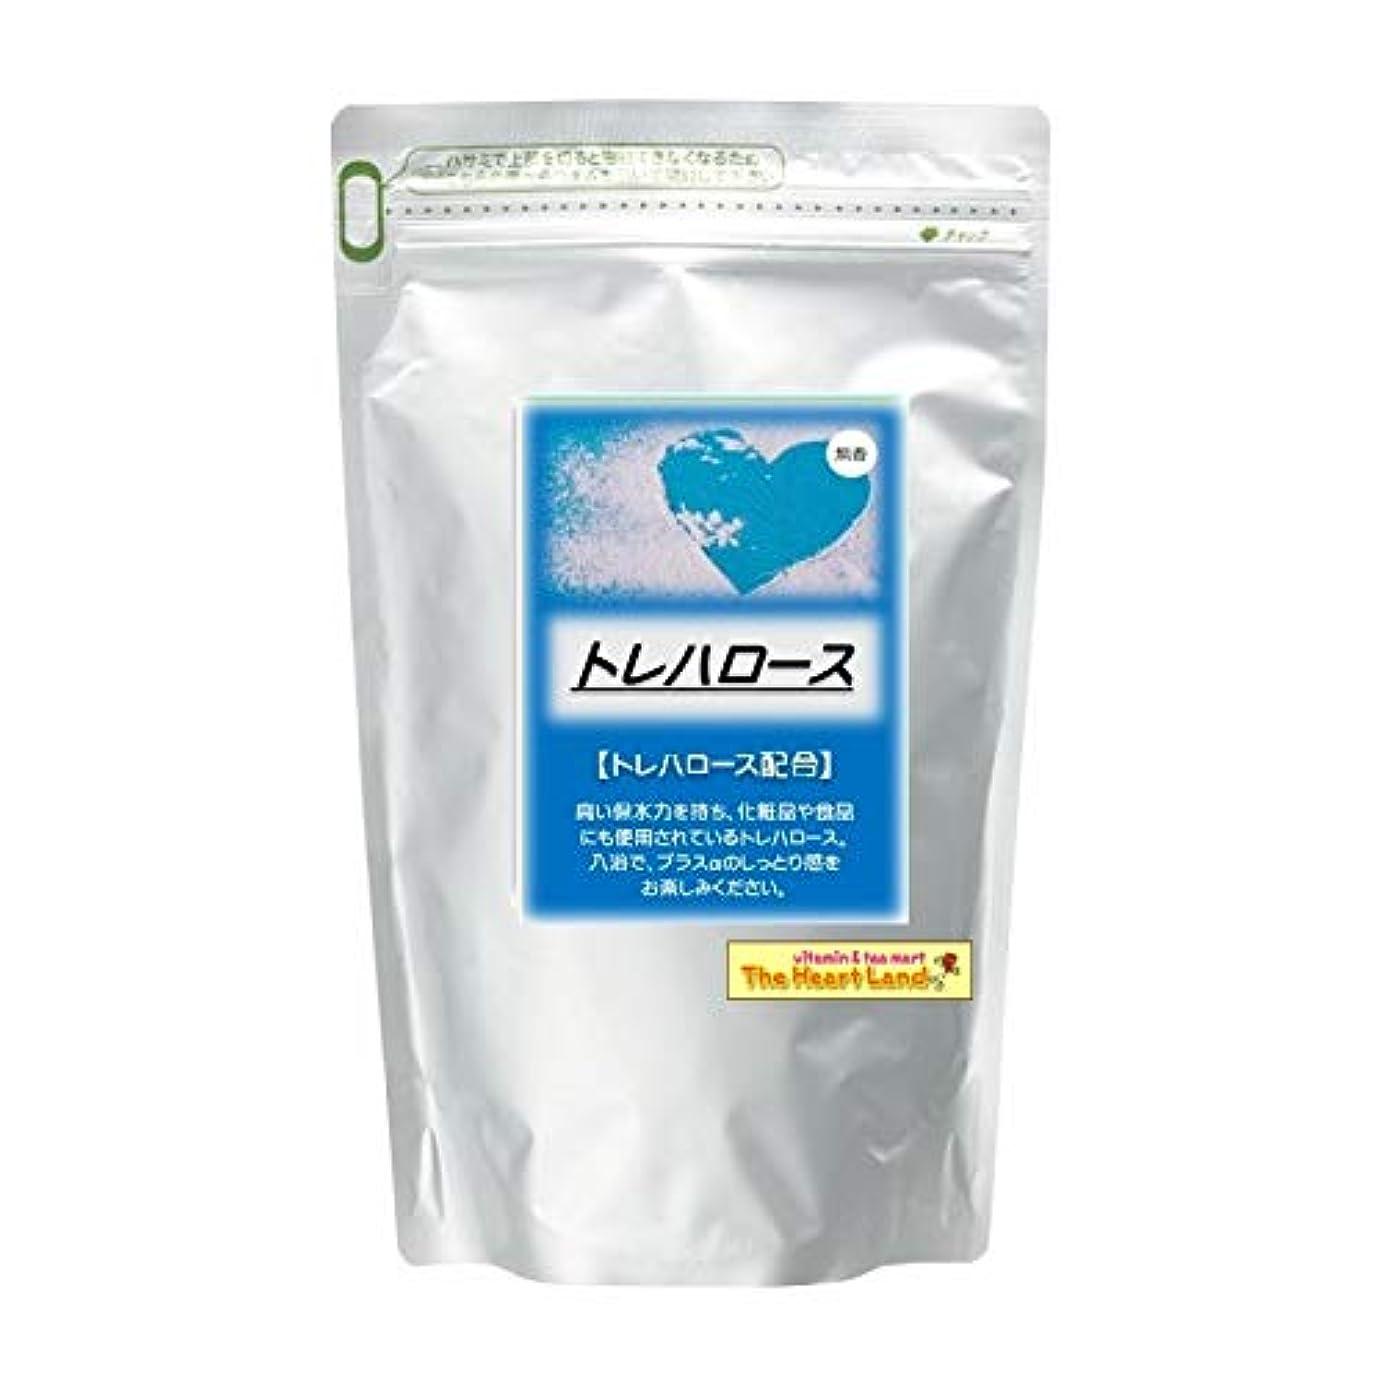 バトル服飽和するアサヒ入浴剤 浴用入浴化粧品 トレハロース 2.5kg